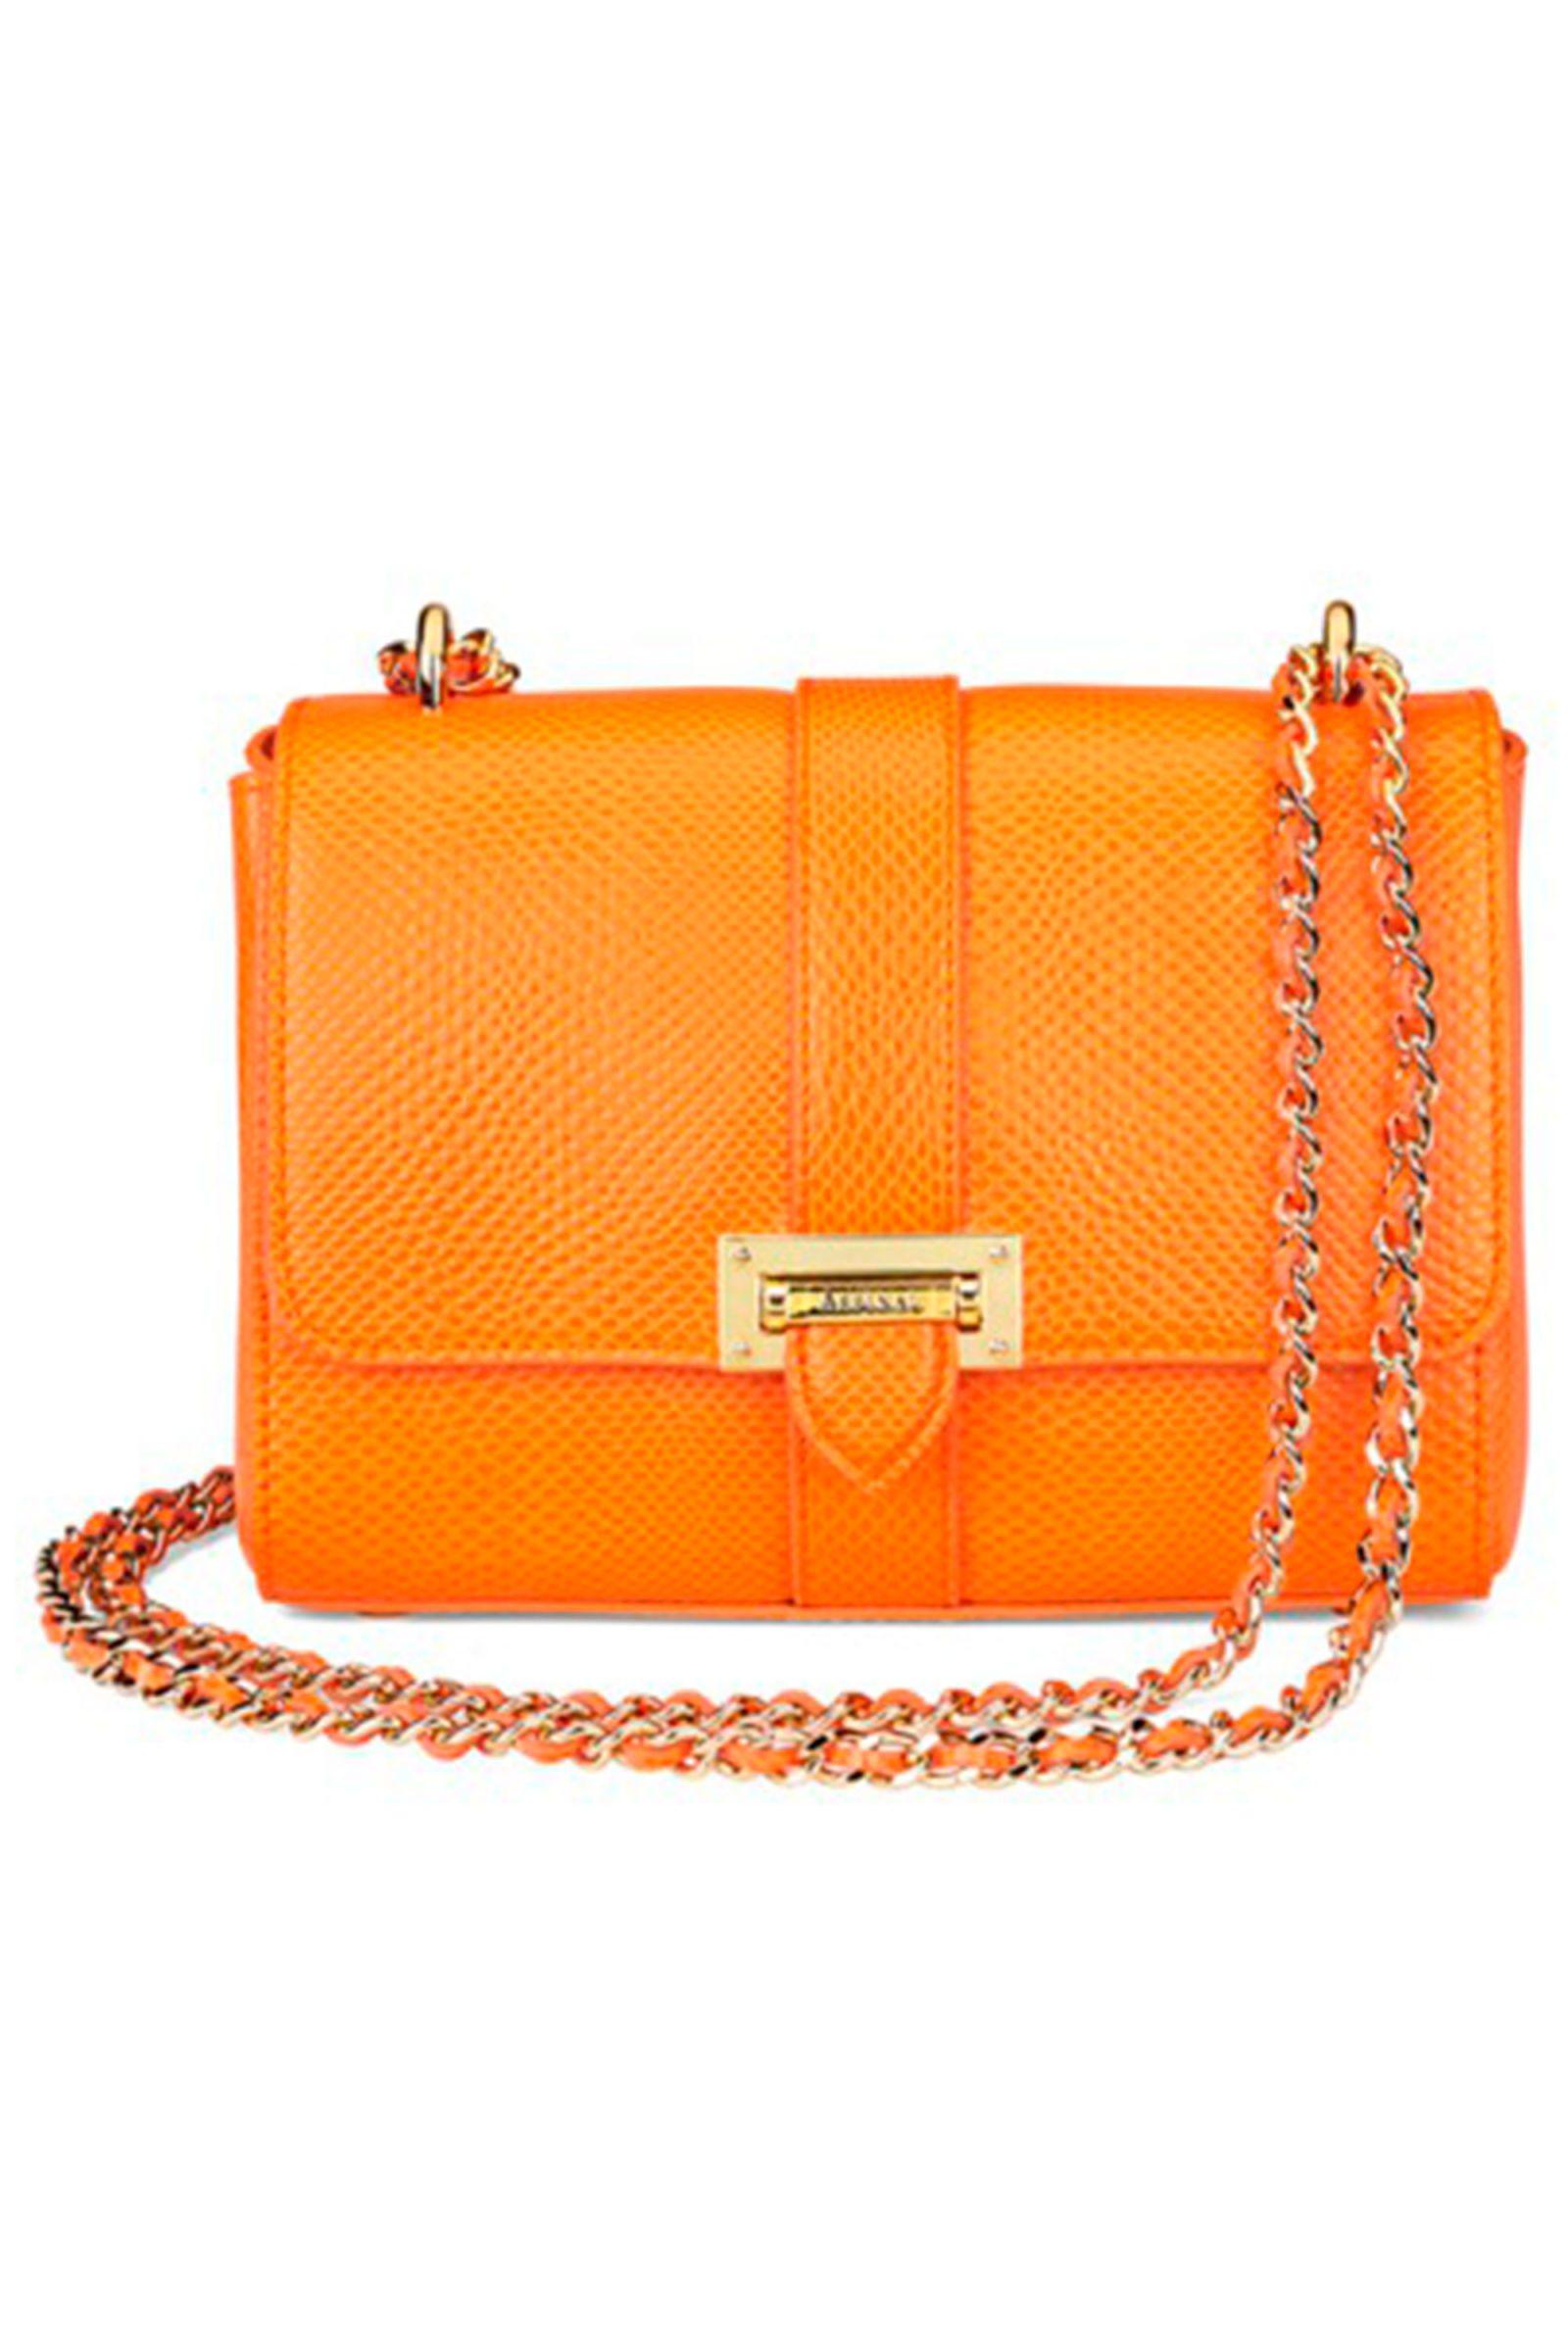 The best midrange designer handbags Best designer bags